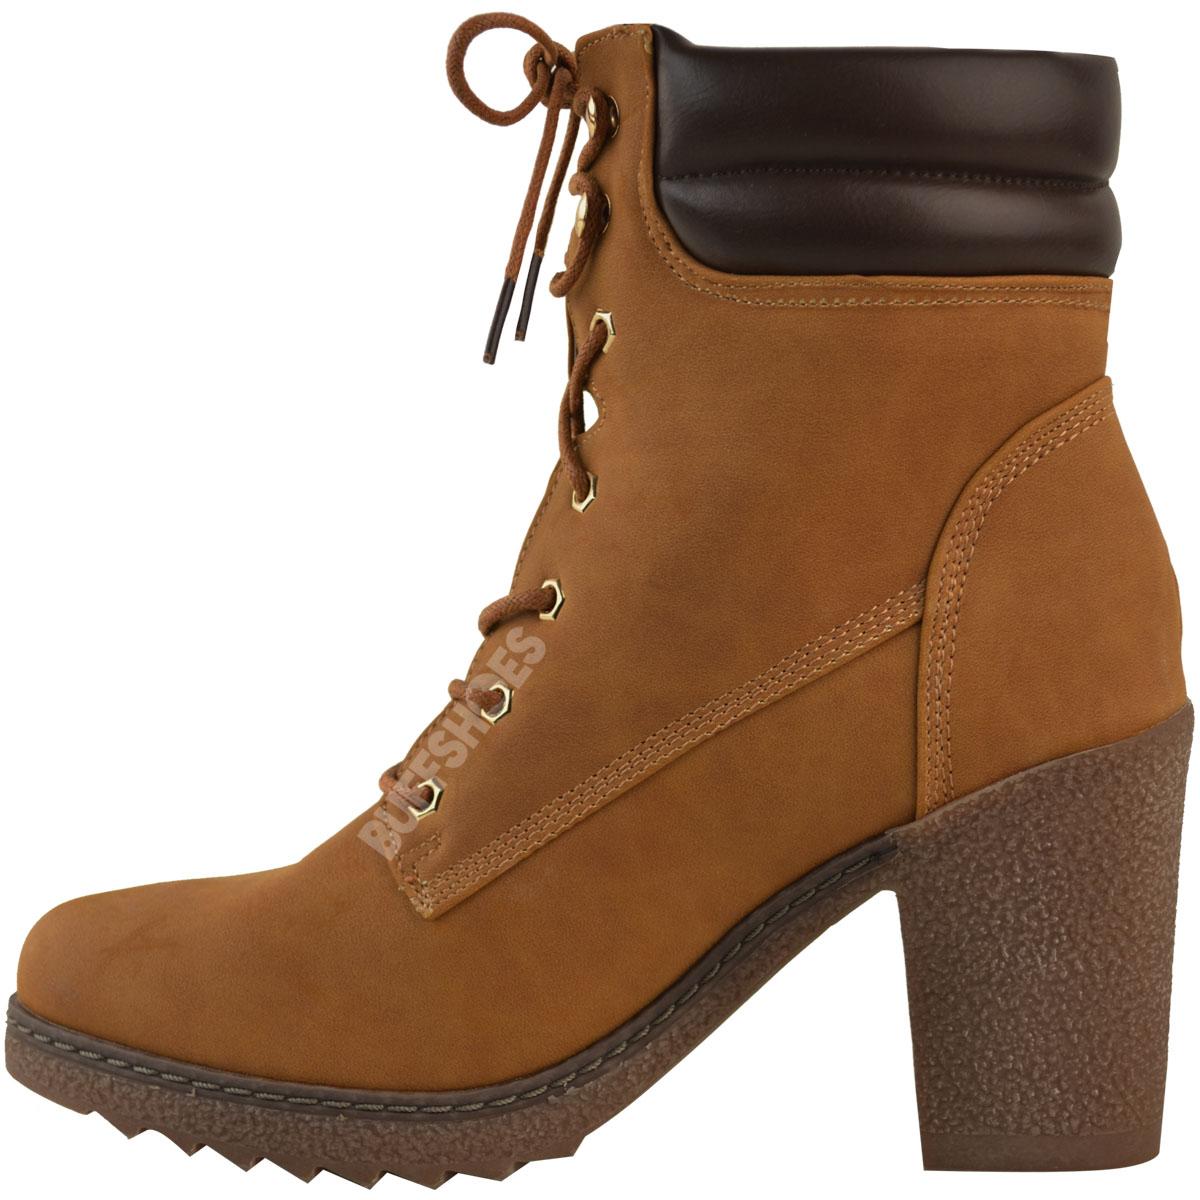 Womens-Ladies-Winter-Walking-Boots-Fleece-Warm-Lining-Cosy-Low-Block-Heel-Size Indexbild 10